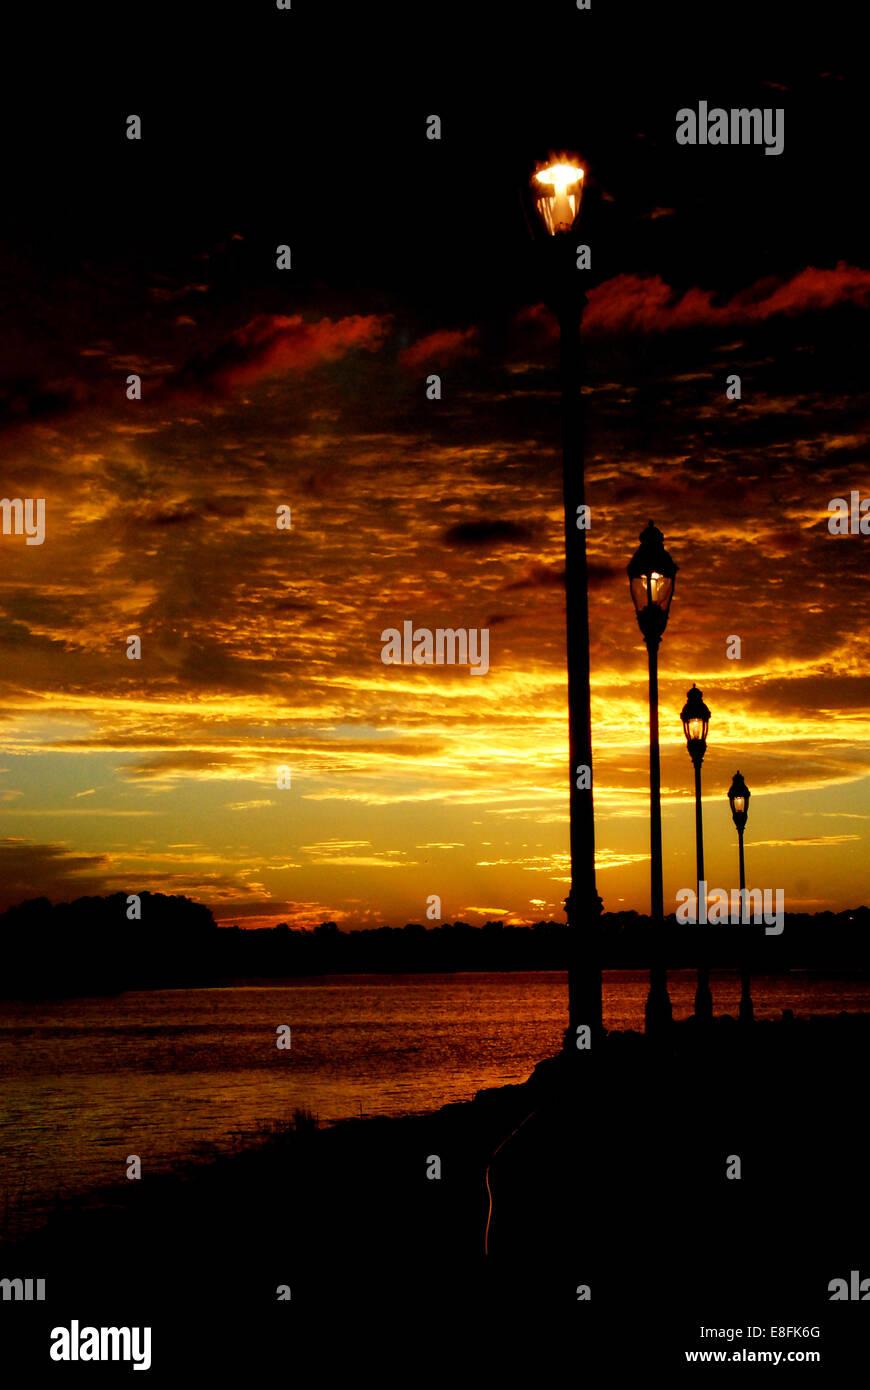 Stati Uniti d'America, Florida, Orange County, Orlando, tramonto lungo il cammino Immagini Stock